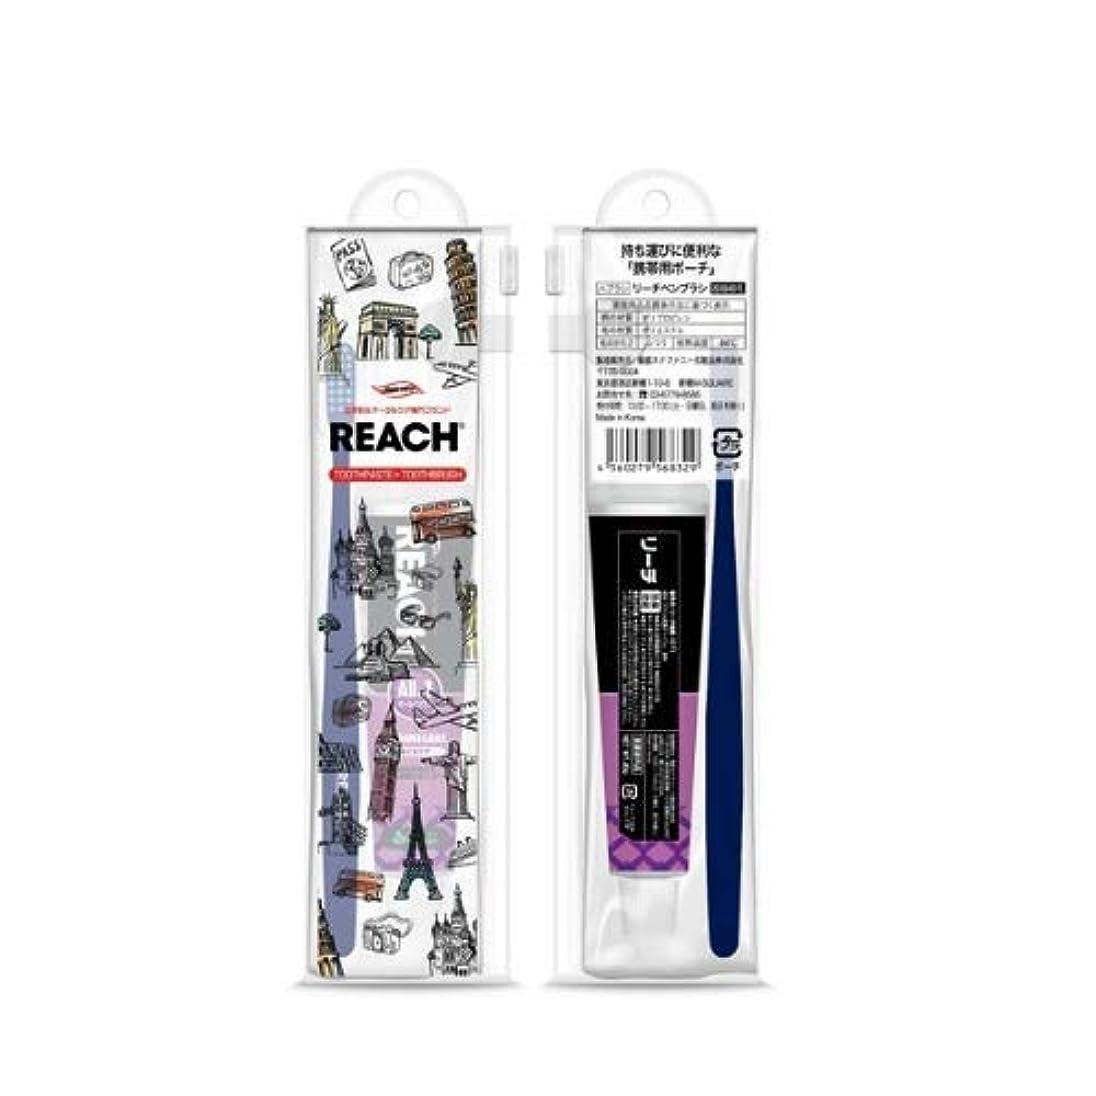 道徳教育仕えるクライストチャーチリーチトラベルセット(デンタル歯ブラシ1本?薬用歯みがき40g) × 12個セット